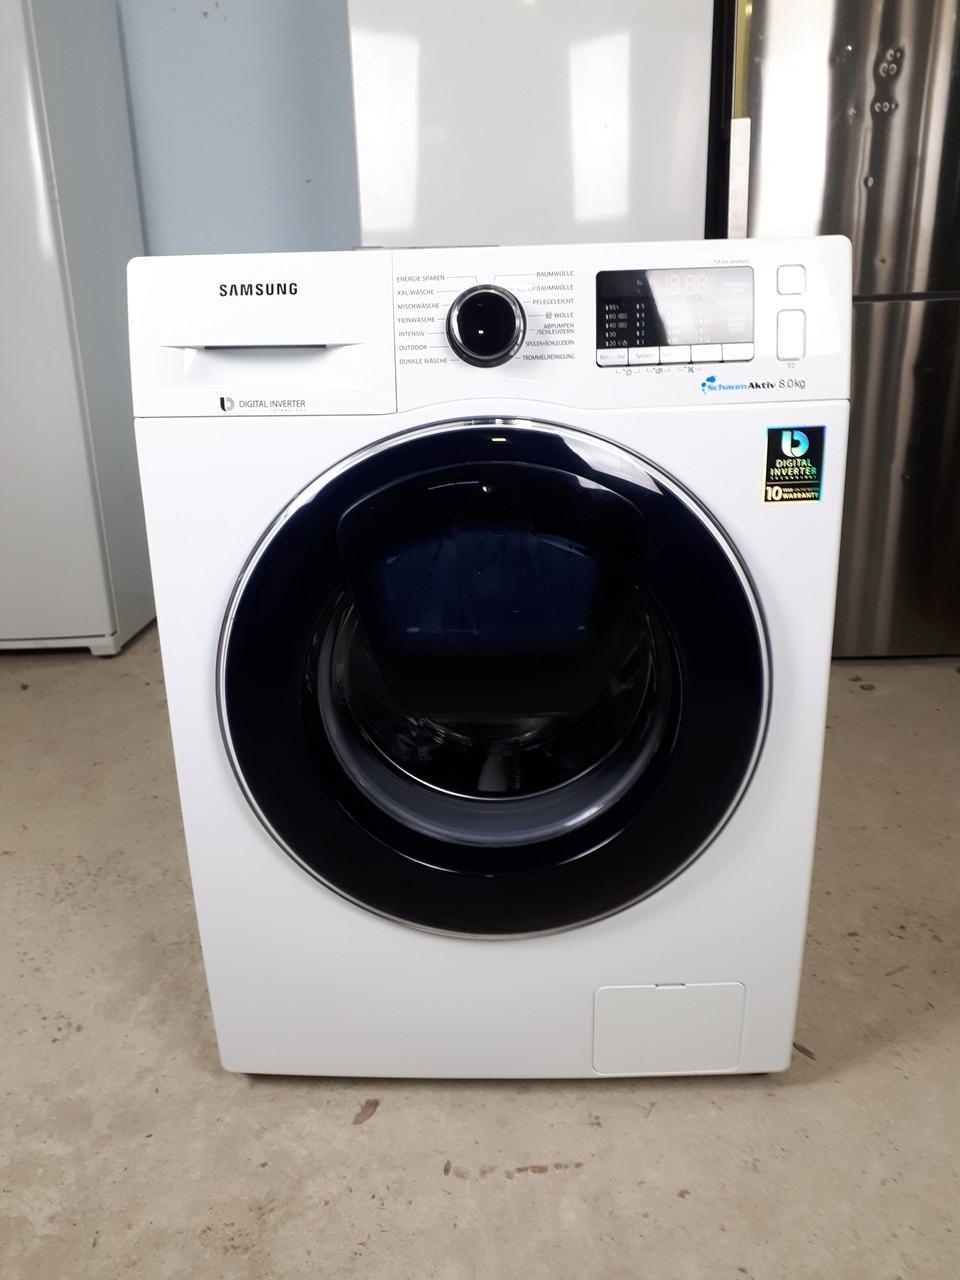 WW8EK5400UW Samsung